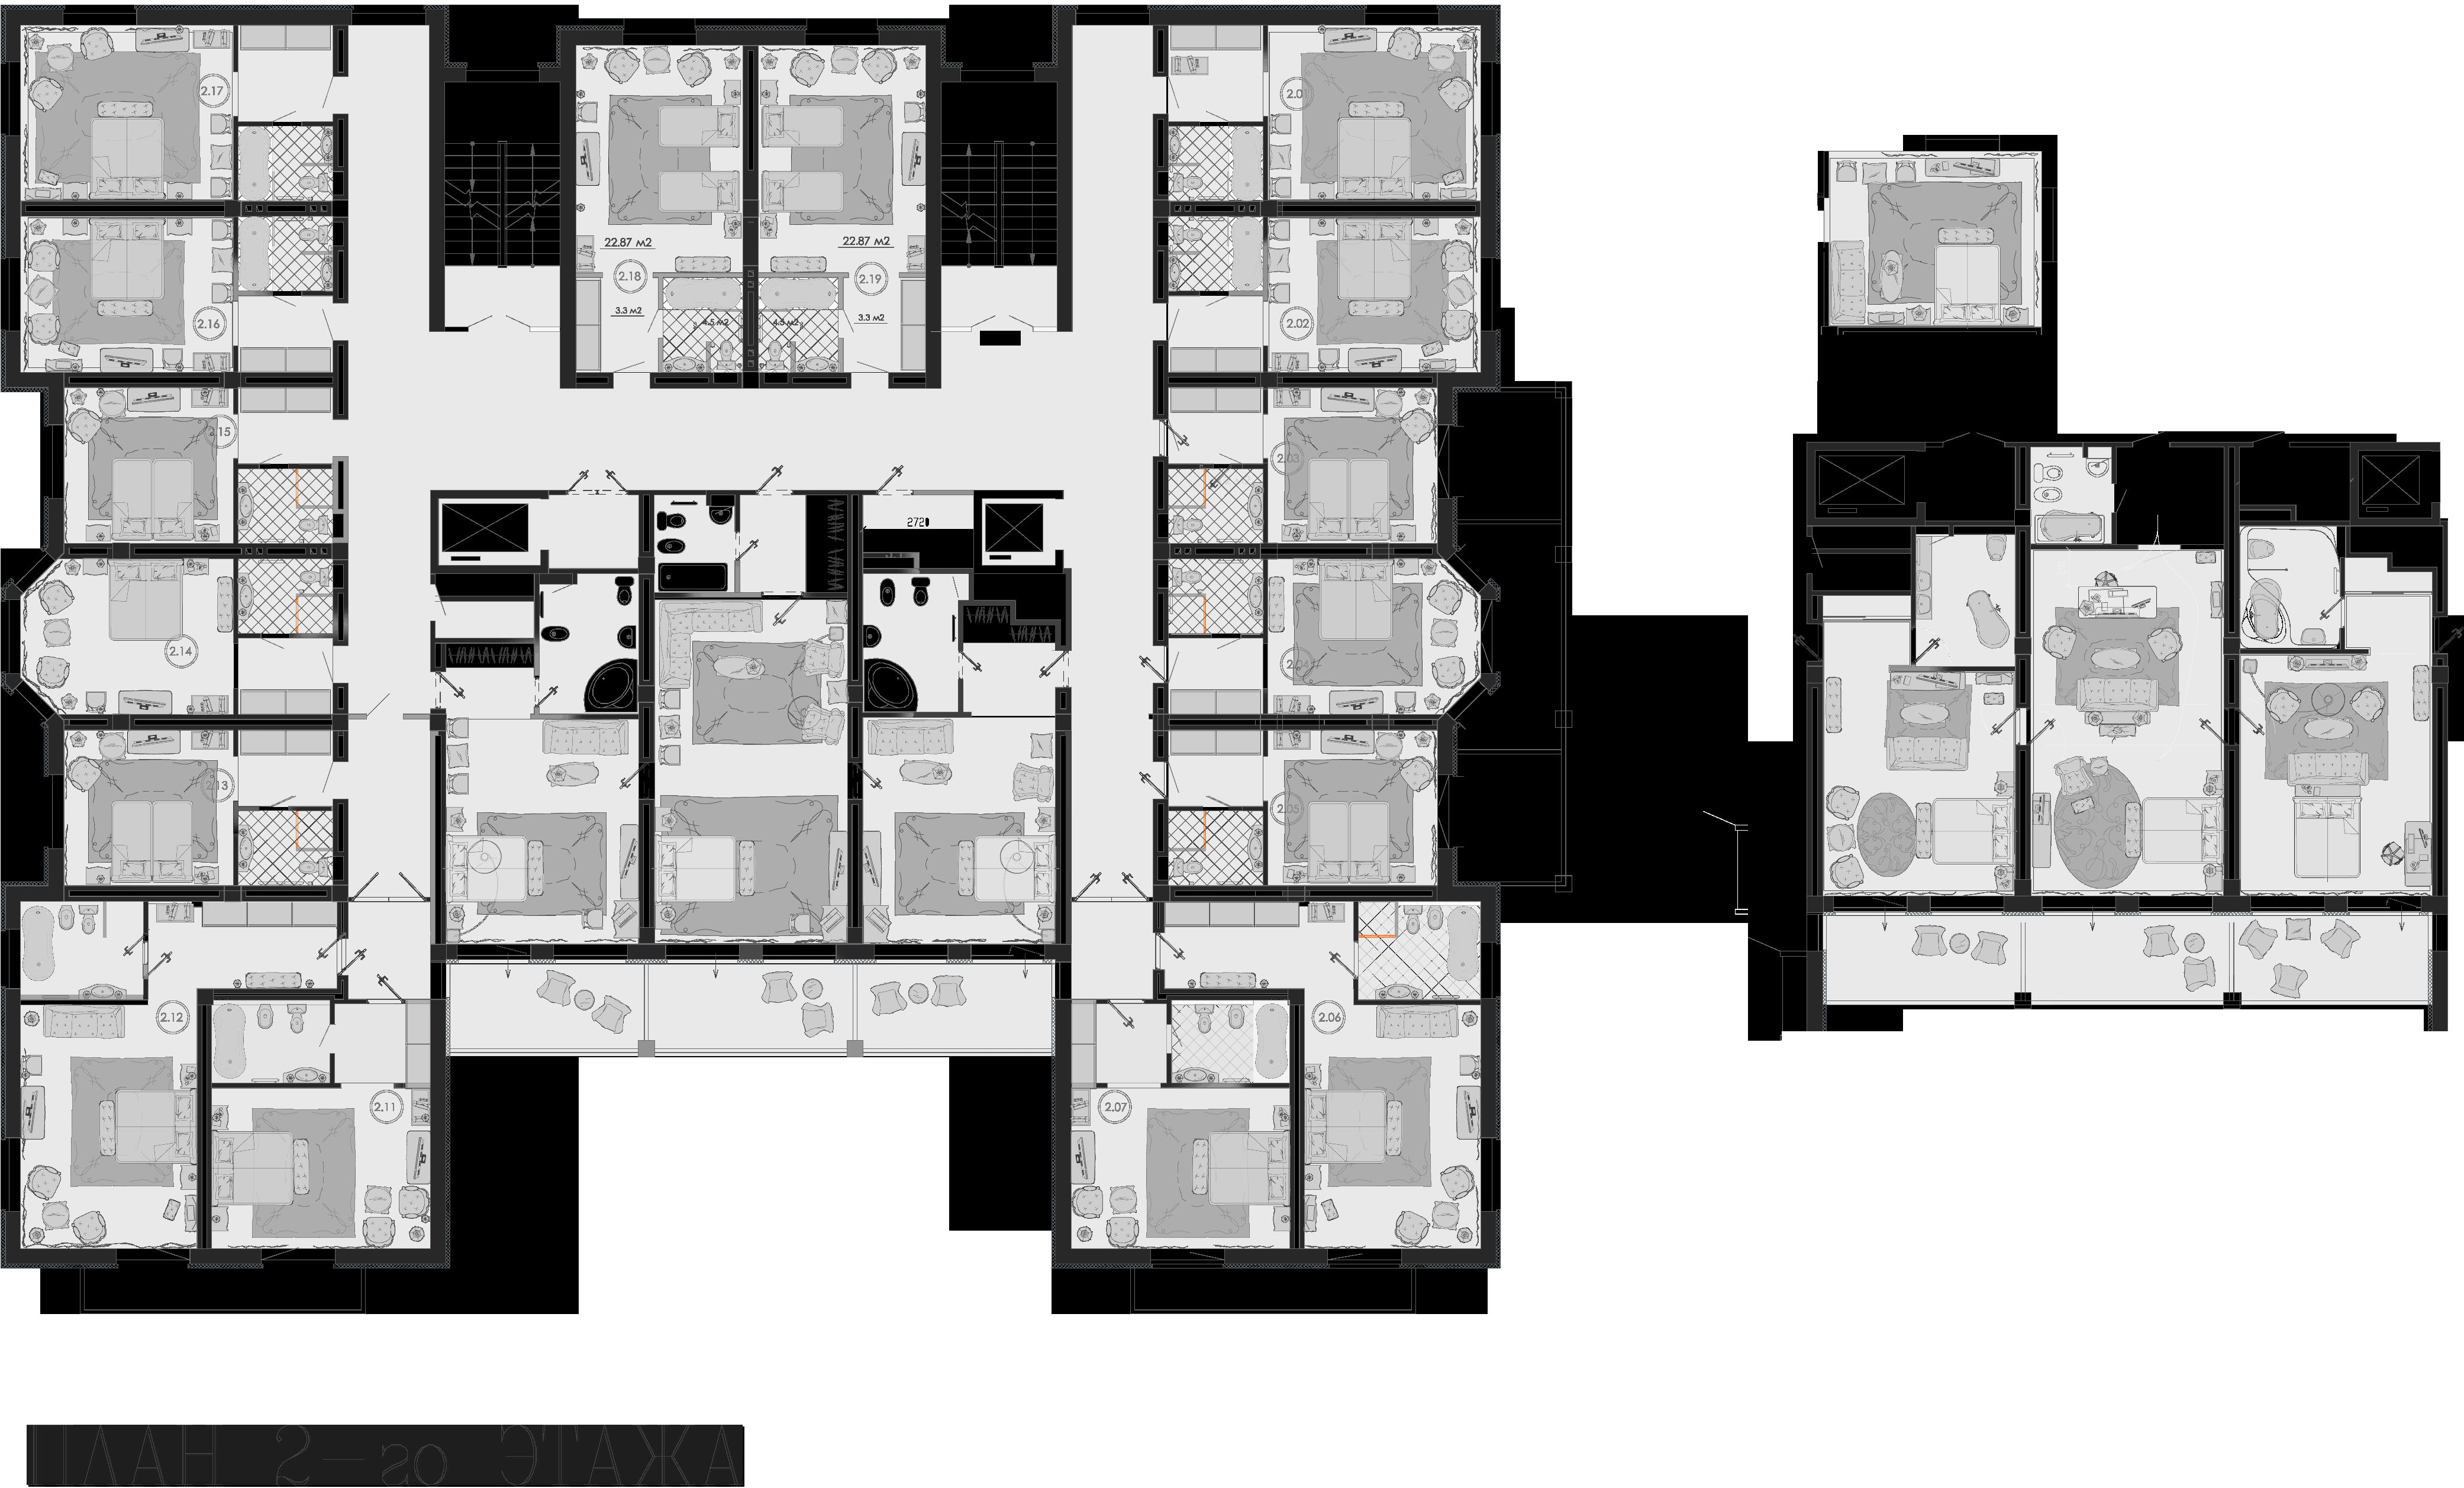 План второго этажа c расстановкой классической мебели в индивидуальных номерах.